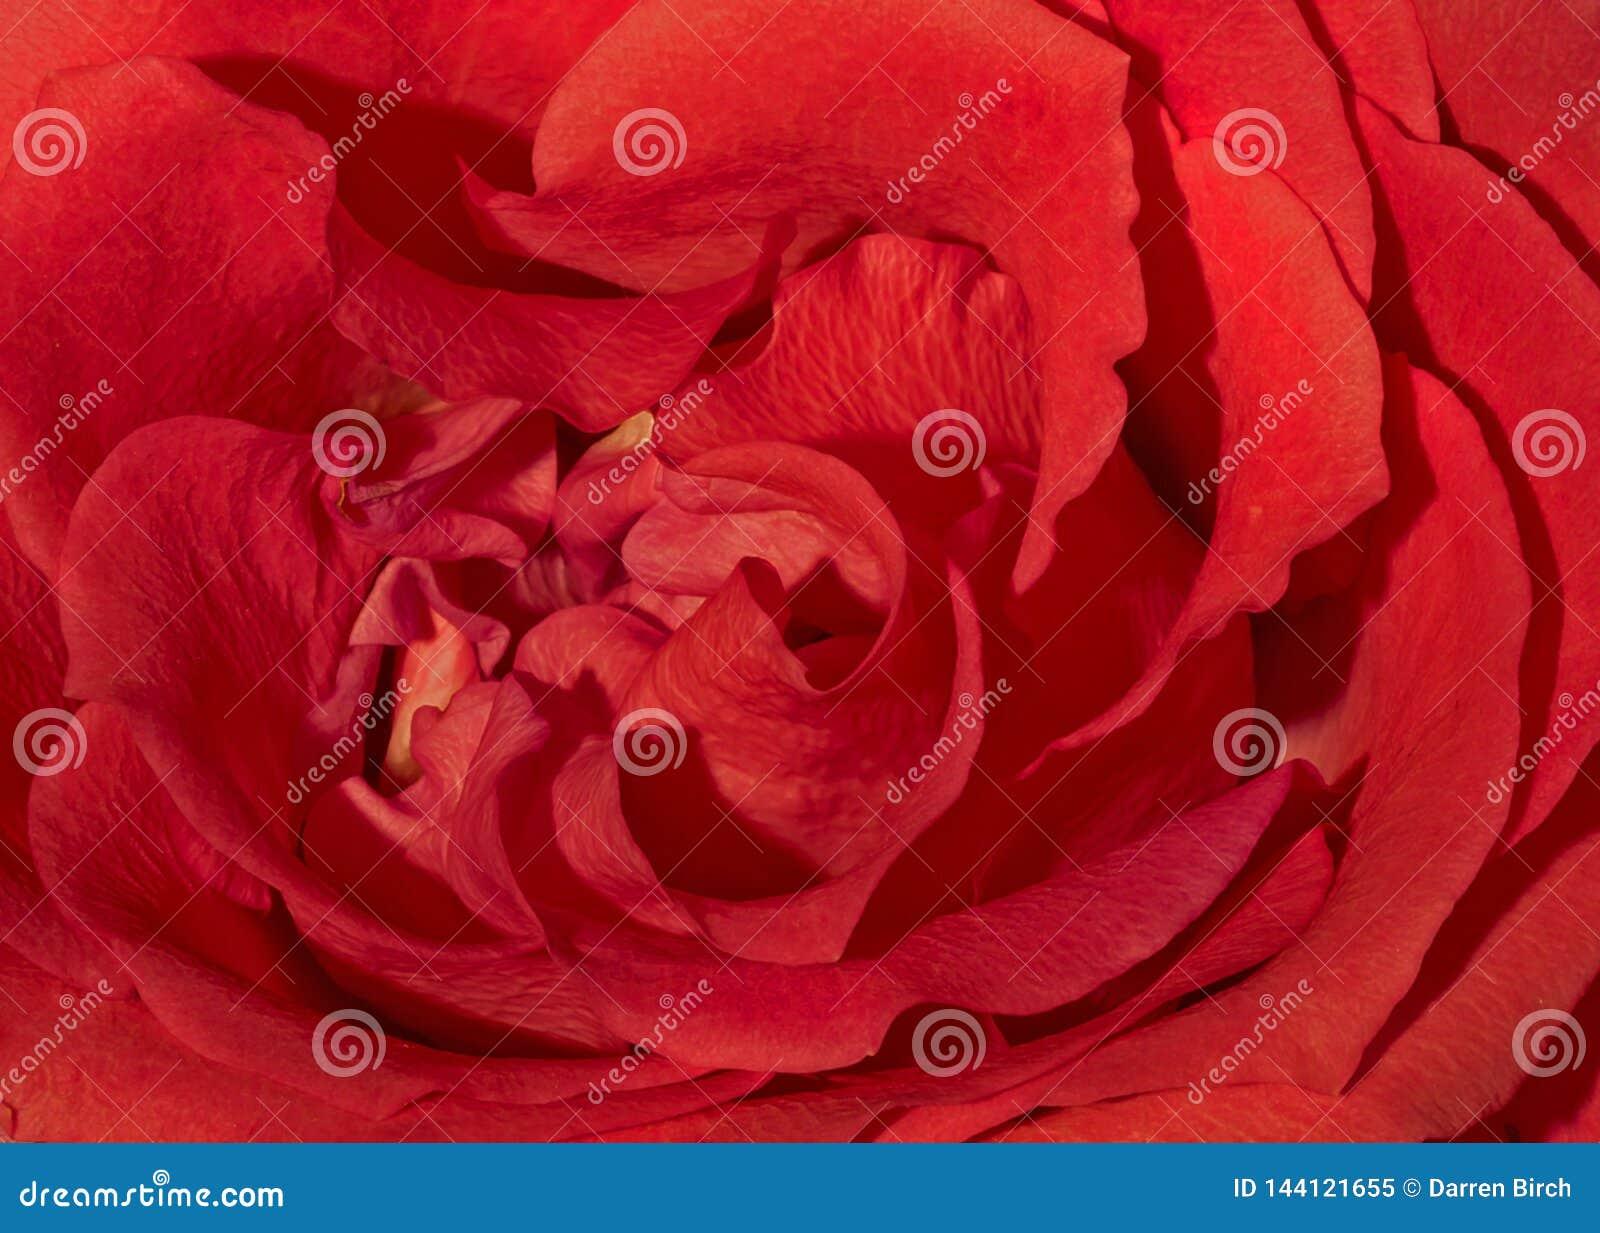 Makroschuß von Blumenblättern einer roten Rose